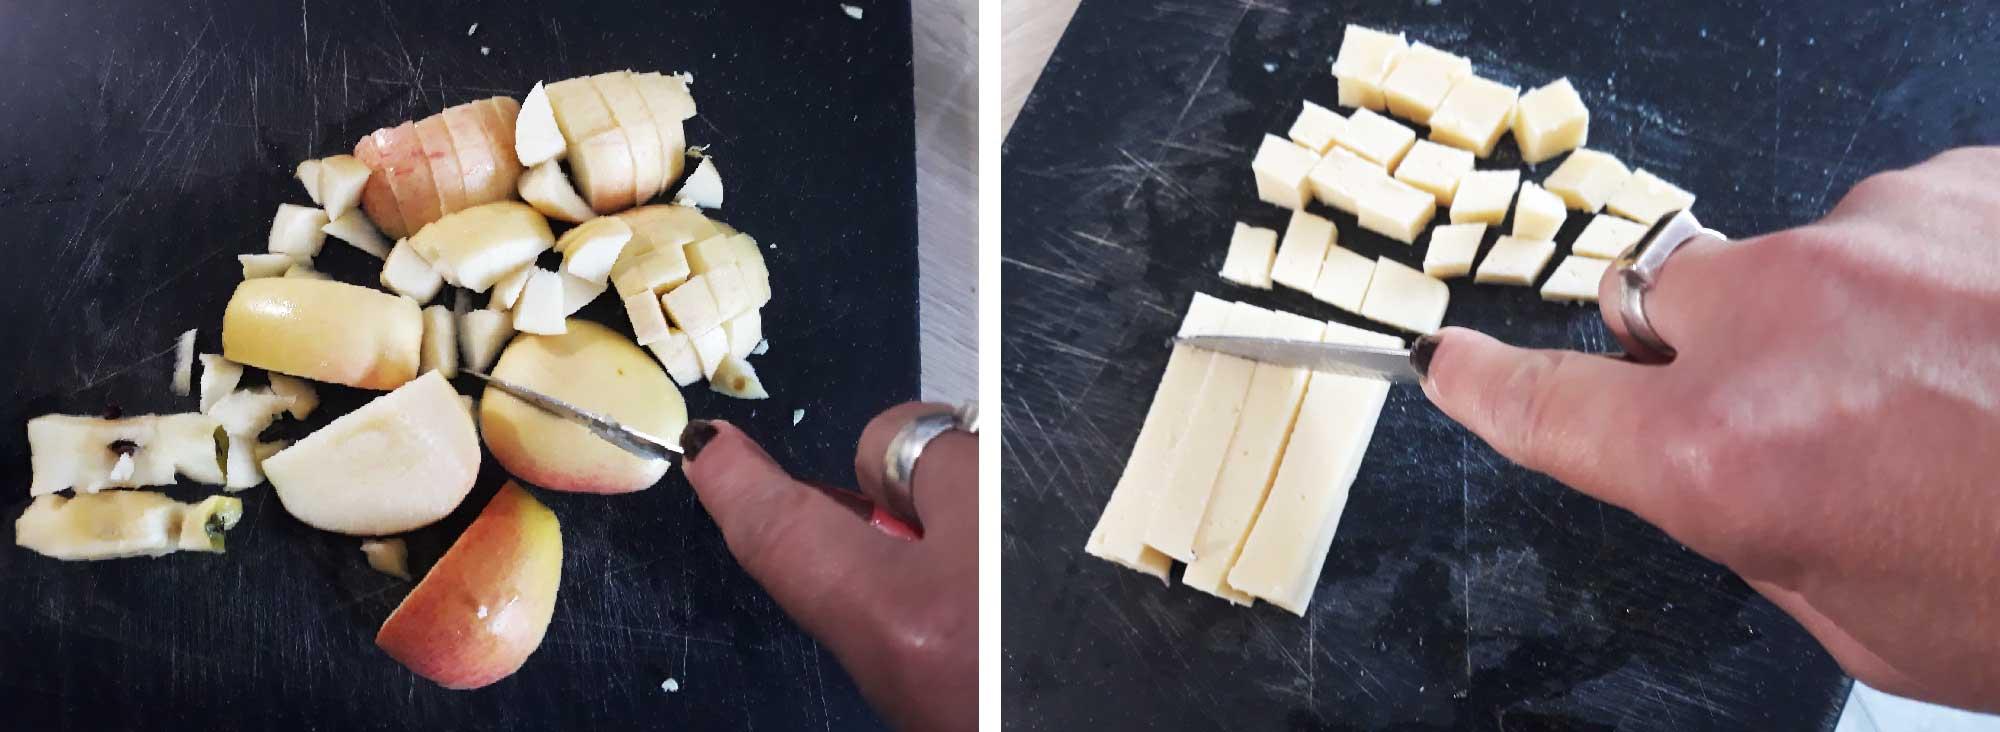 Couper-les-pommes-et-le-fromage